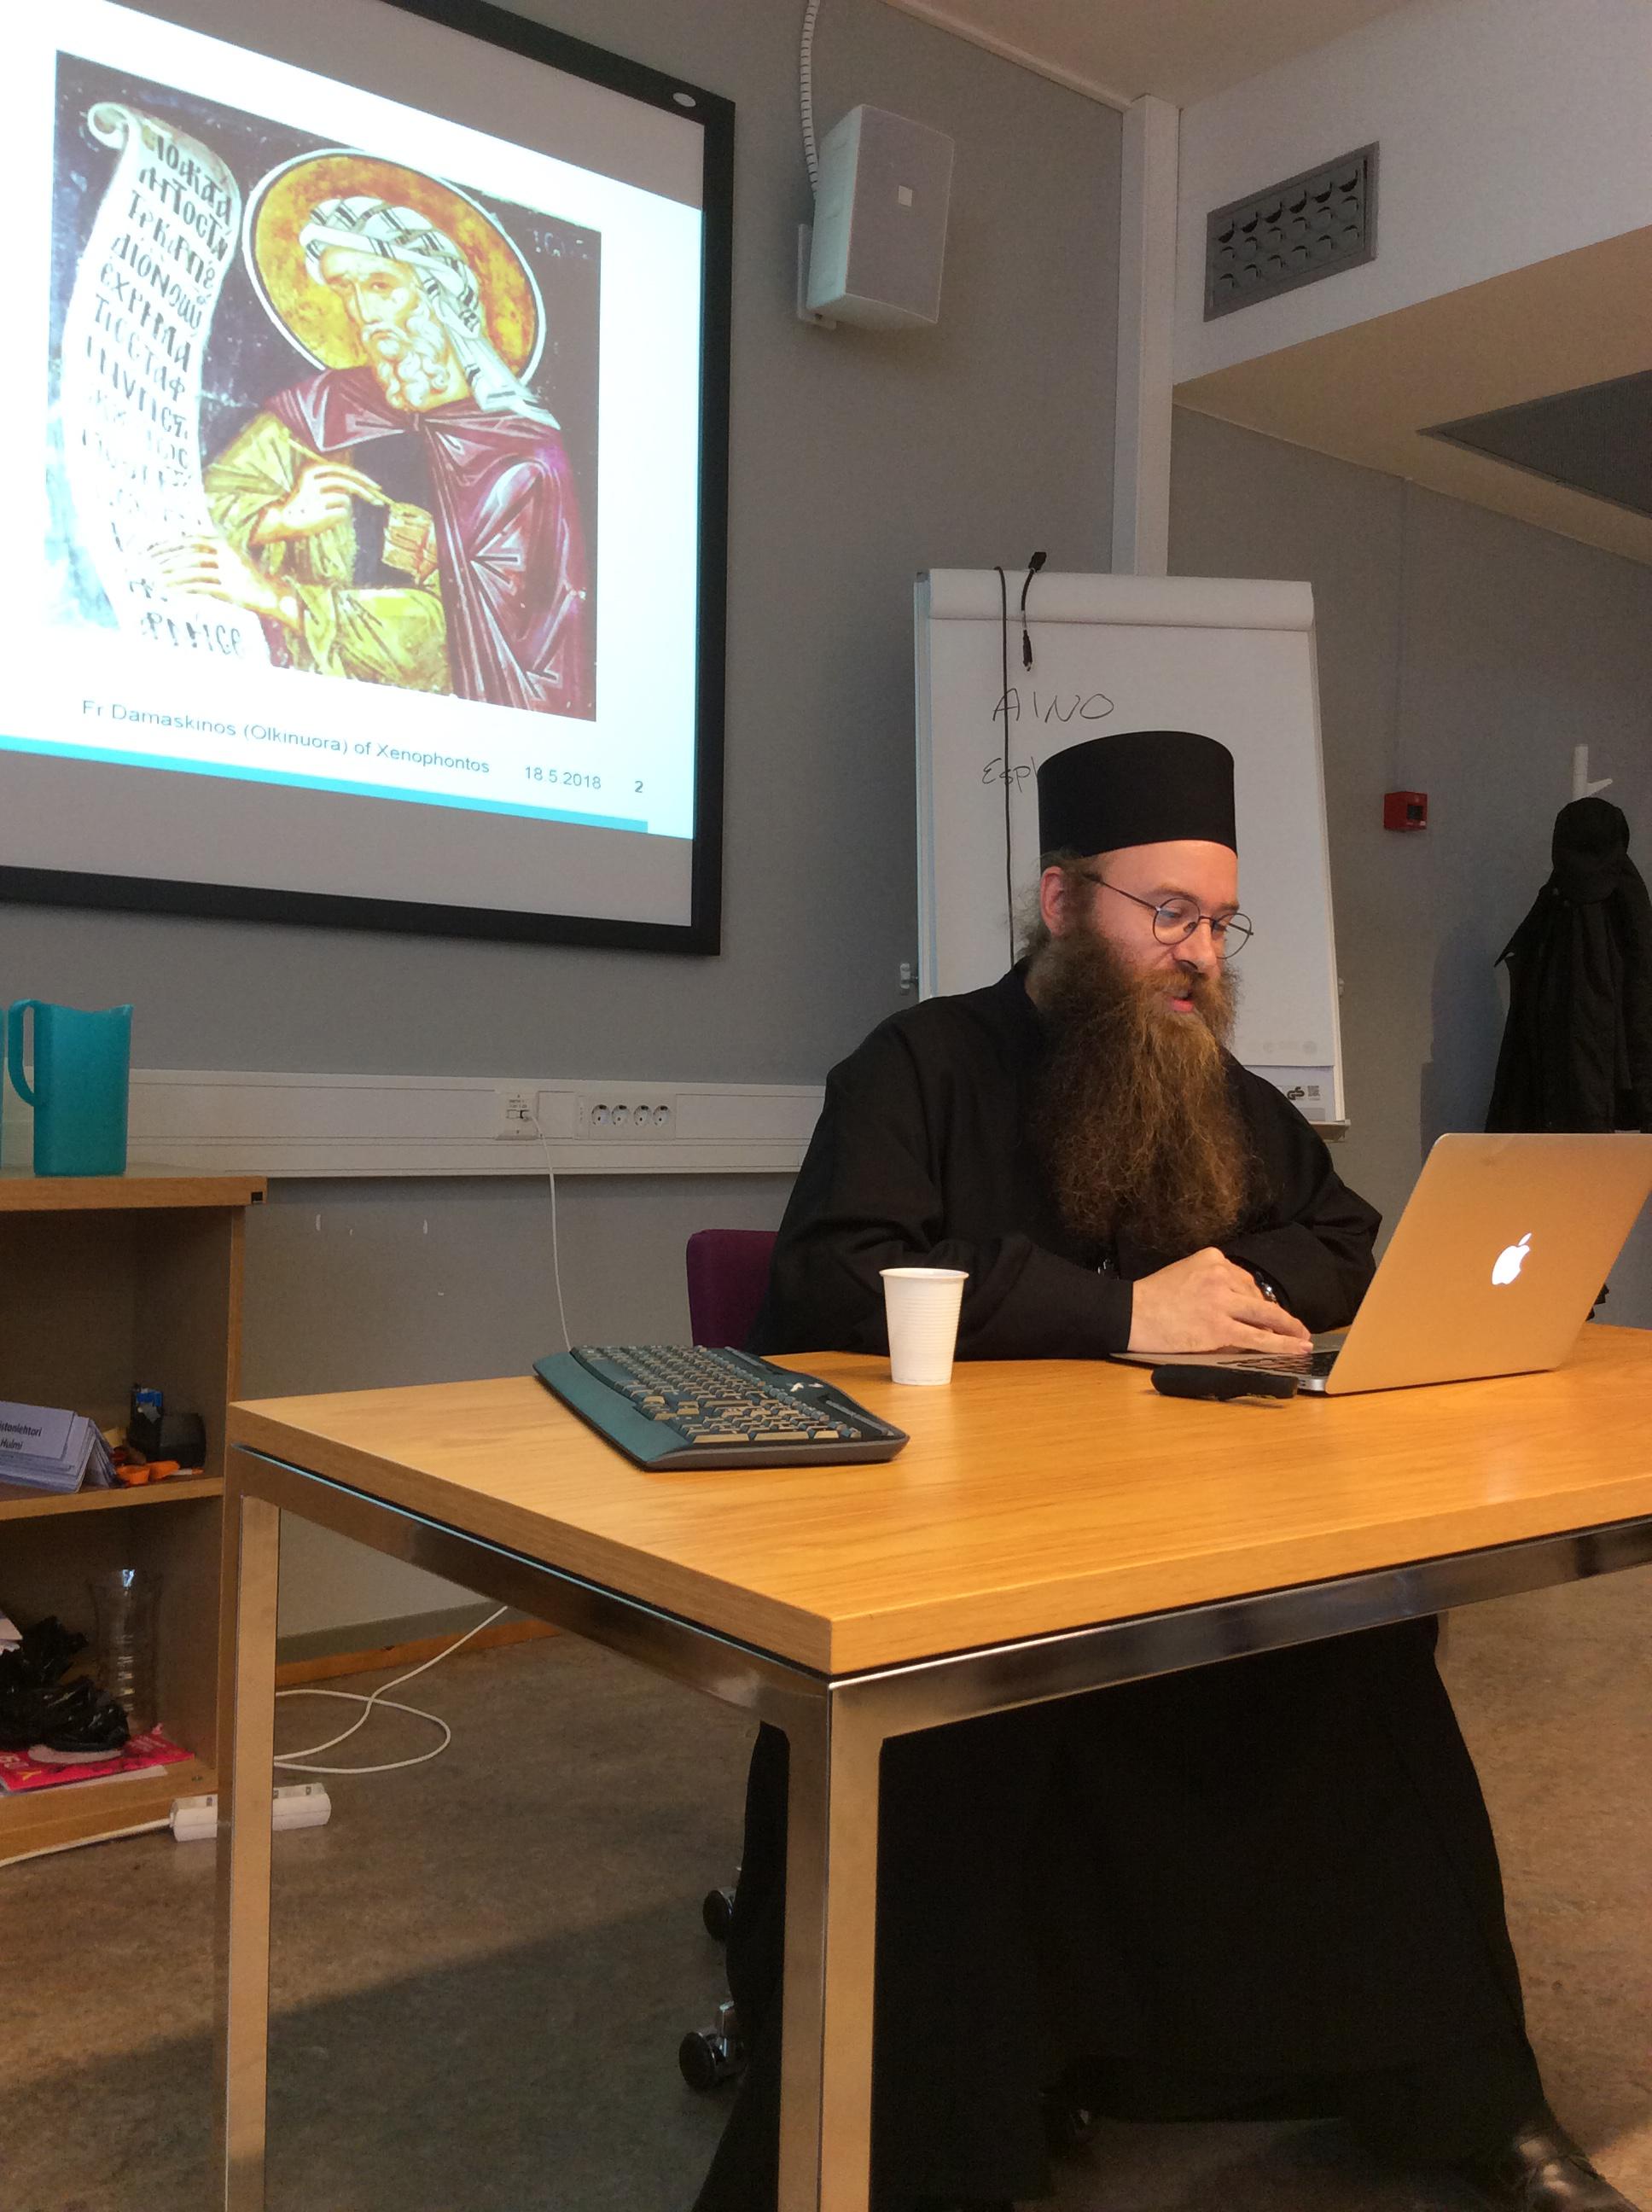 Pappismunkin asuun pukeutunut henkilö istuu pöydälle asetetun tietokoneen edessä.